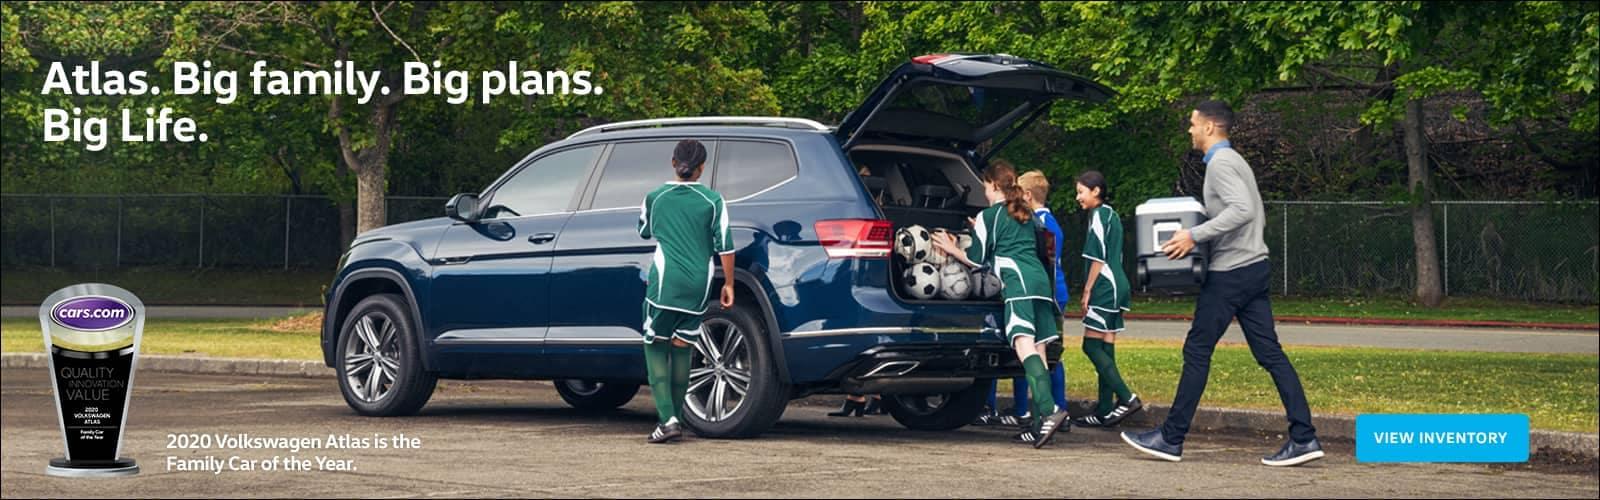 Atlas_Cars.com_Family-Car_1600